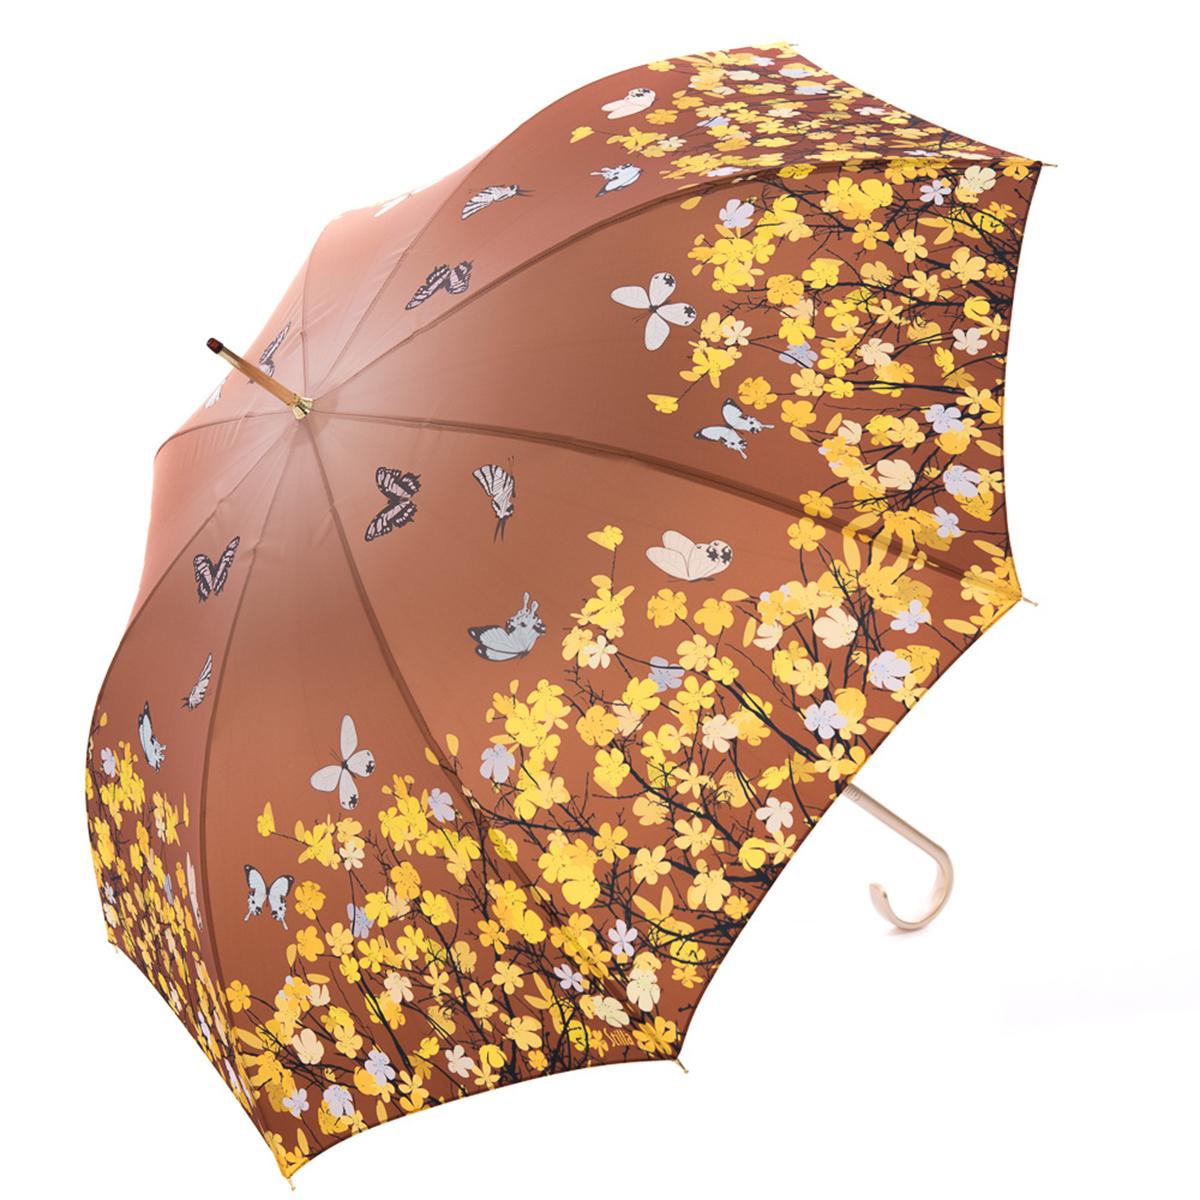 Зонт-трость женский Stilla, цвет: коричневый, желтый. 741/1 auto741/1 autoЗонт-трость Stilla надежно защитит вас от дождя. Купол, оформленный оригинальным принтом, выполнен из высококачественного ПВХ, который не пропускает воду. Каркас зонта и спицы выполнены из высококарбонистой стали. Зонт имеет автоматический тип сложения: открывается и закрывается при нажатии на кнопку. Удобная ручка выполнена из пластика.